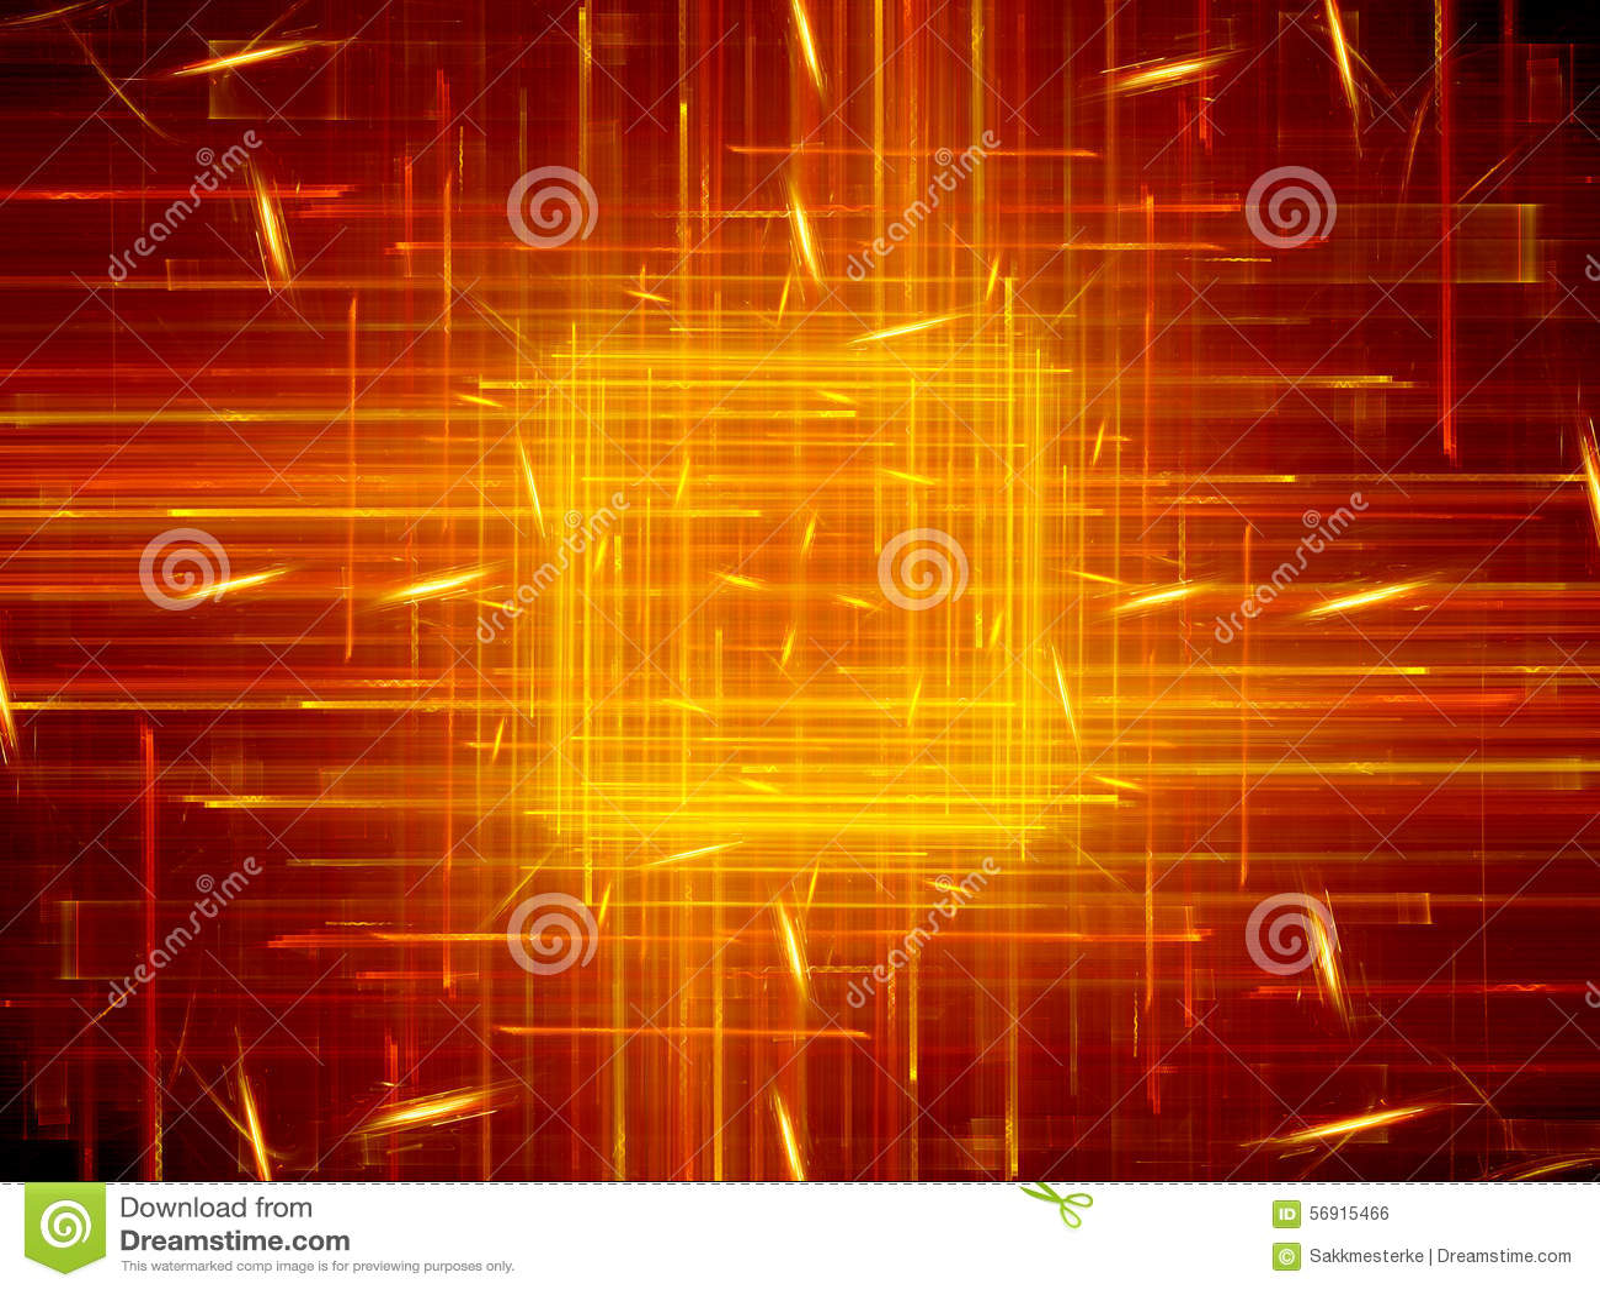 Φλογερό καμμένος τετράγωνο με τη νέα τεχνολογία γραμμών